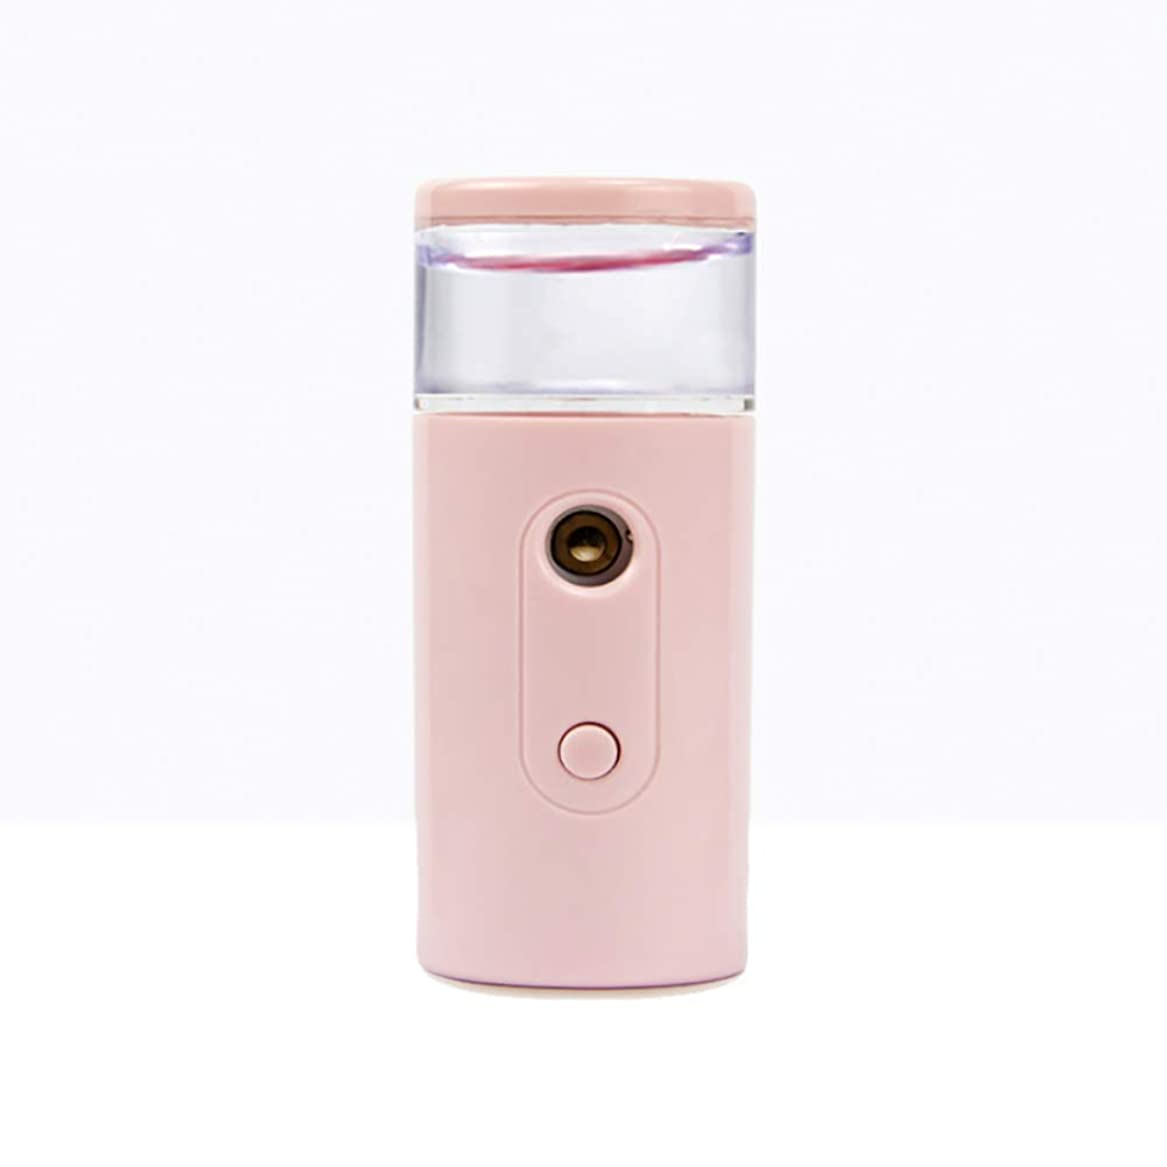 Nano Facial Mister、30ml視覚的水タンクを備えた充電式フェイシャルスチーマー、スキンケア、旅行用保湿&保湿